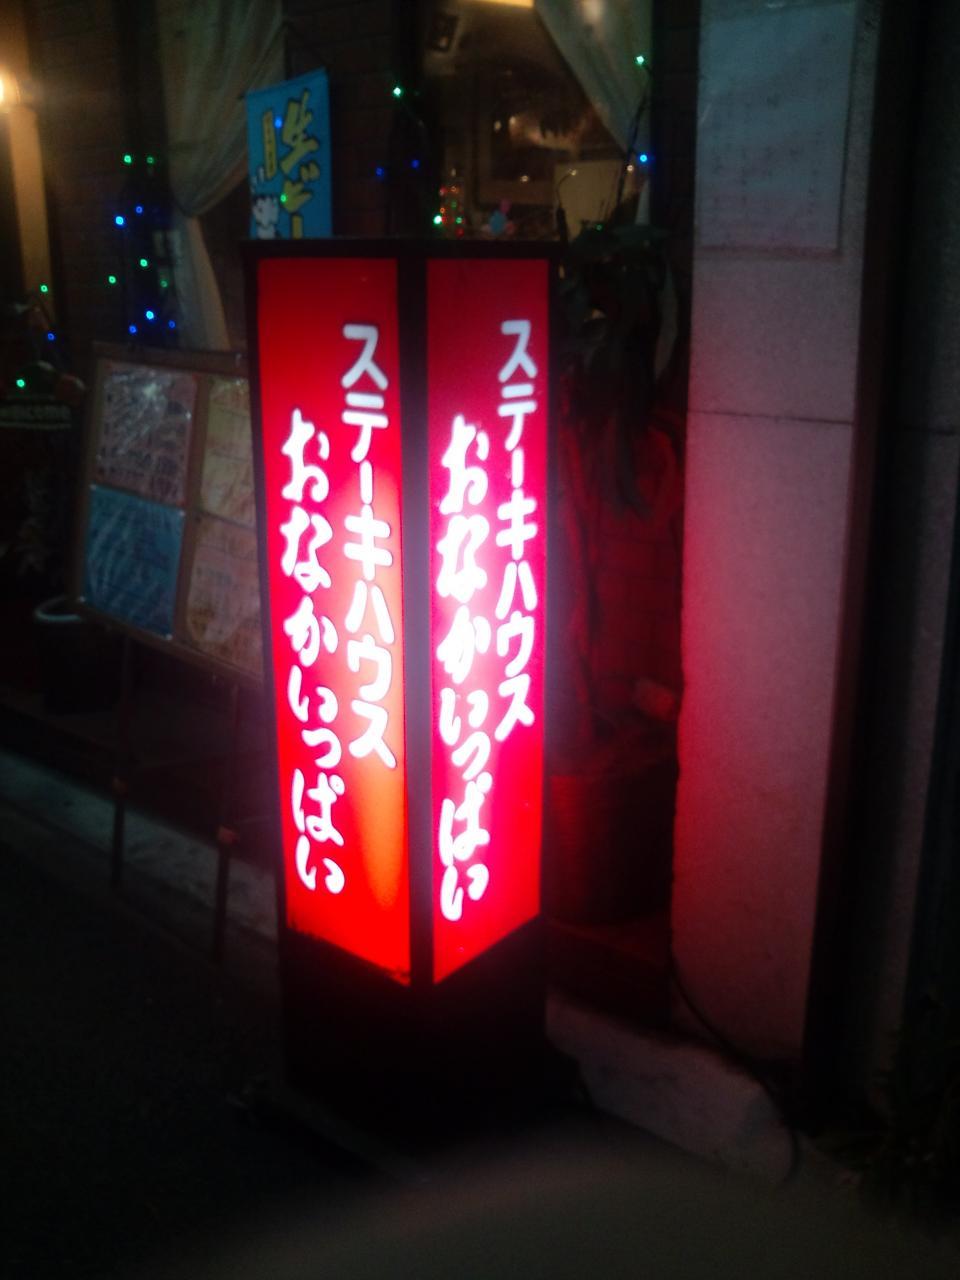 ステーキハウス おなかいっぱい(店舗外観)